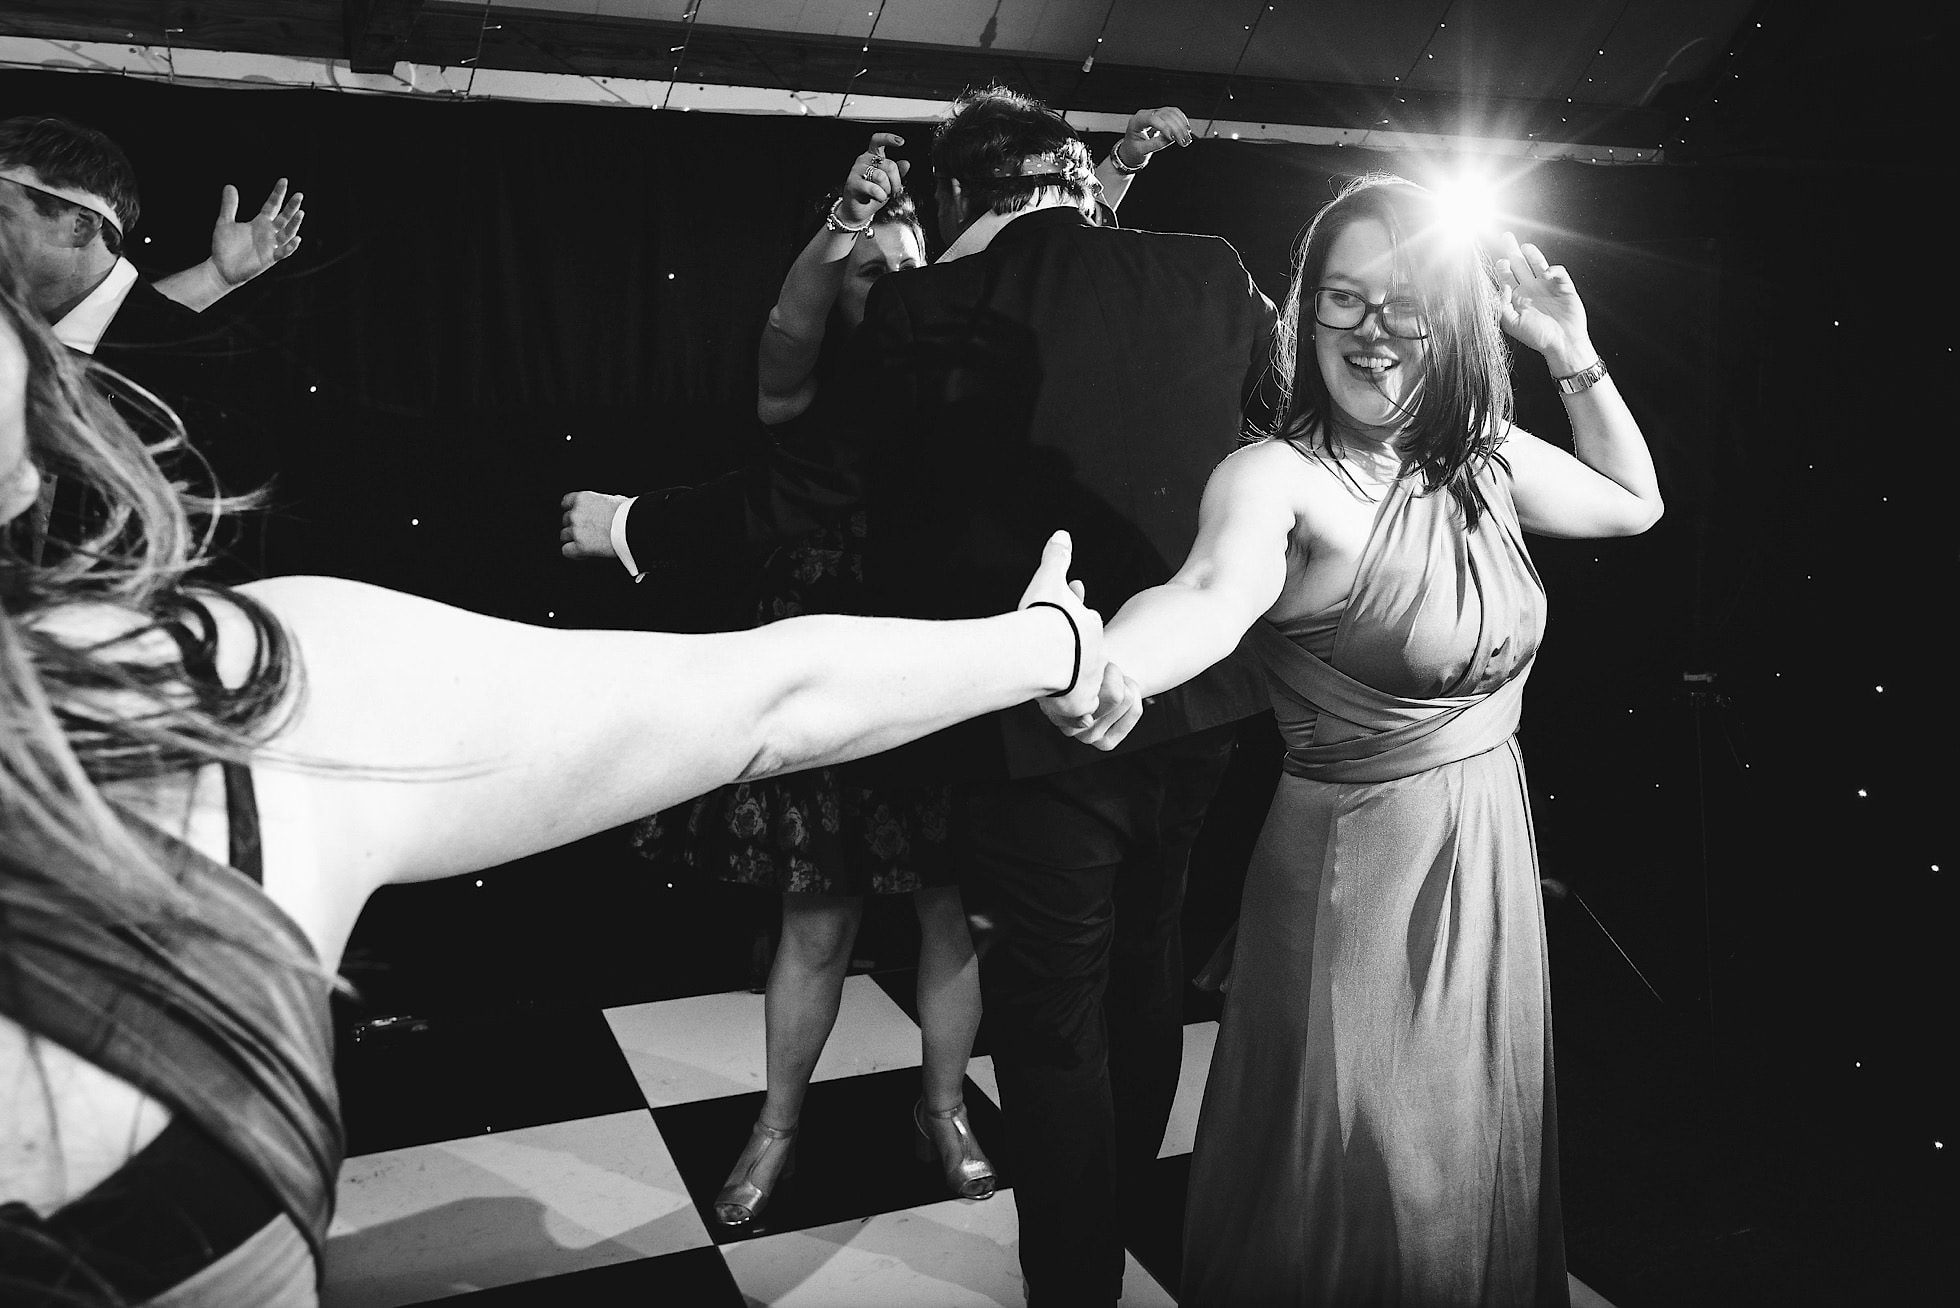 Dancing...yeah!